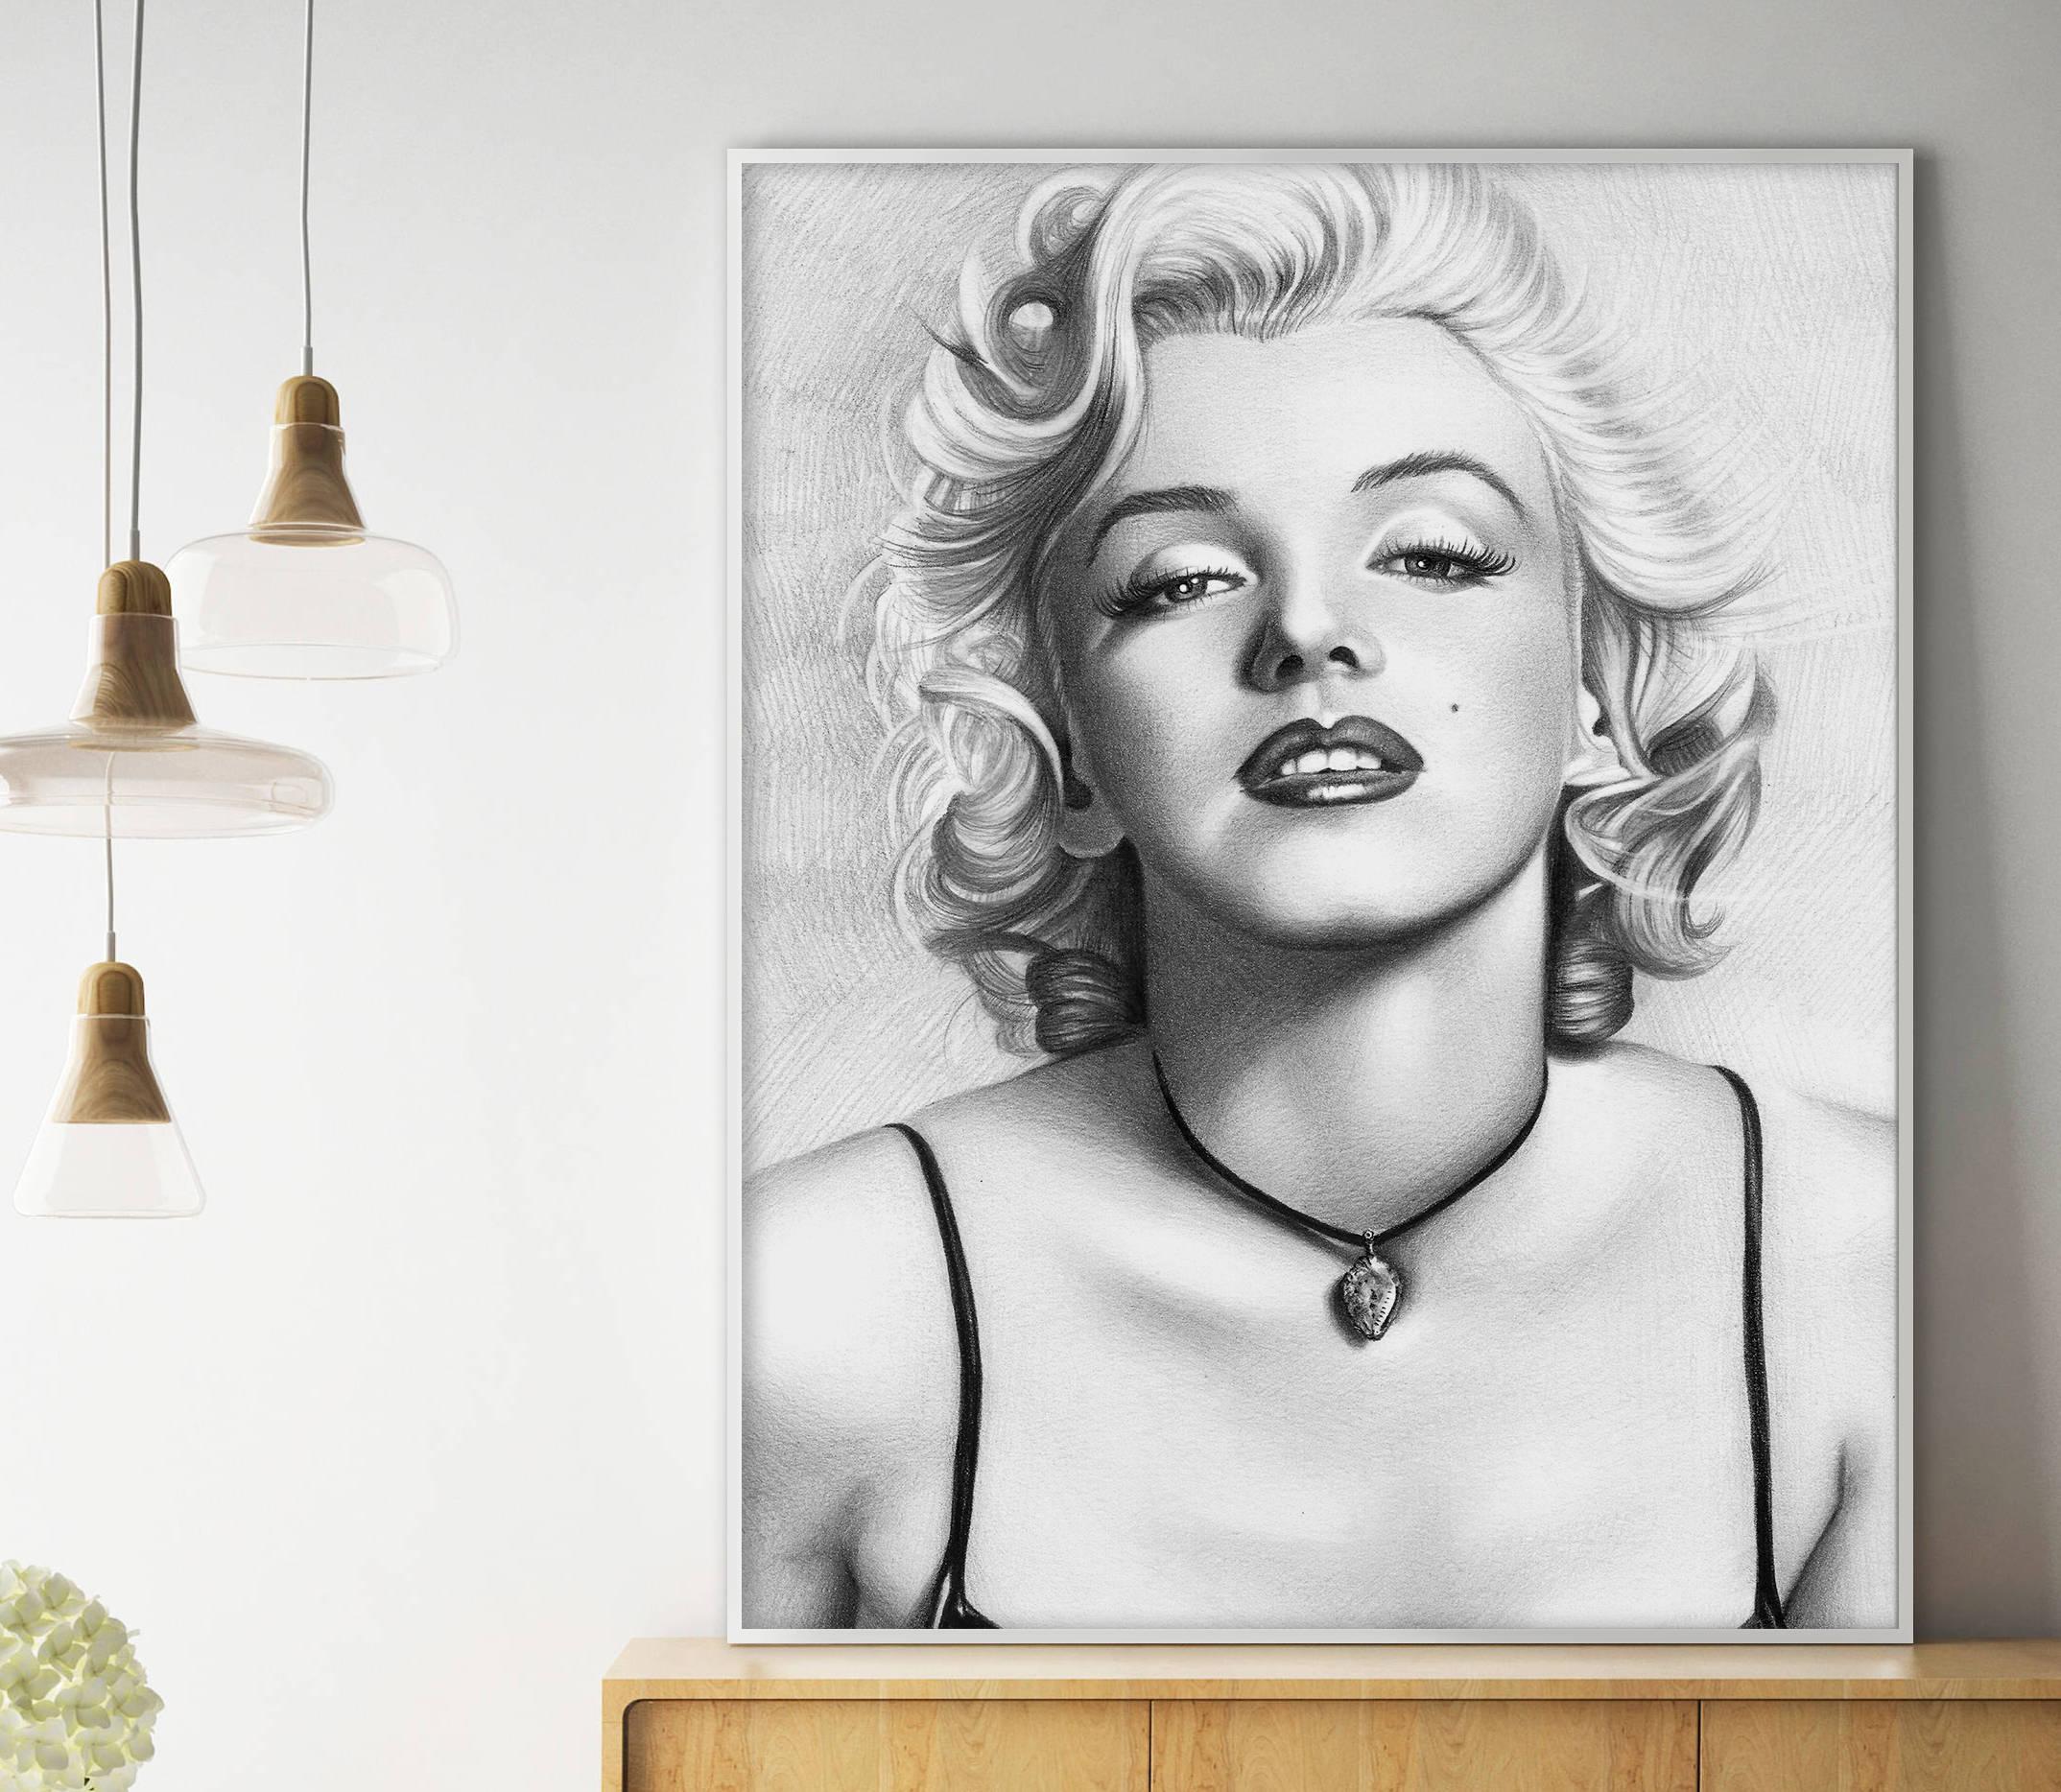 Vintage Art Print Poster A1 A2 A3 A4 A5 Marilyn Monroe Ballerina Dress